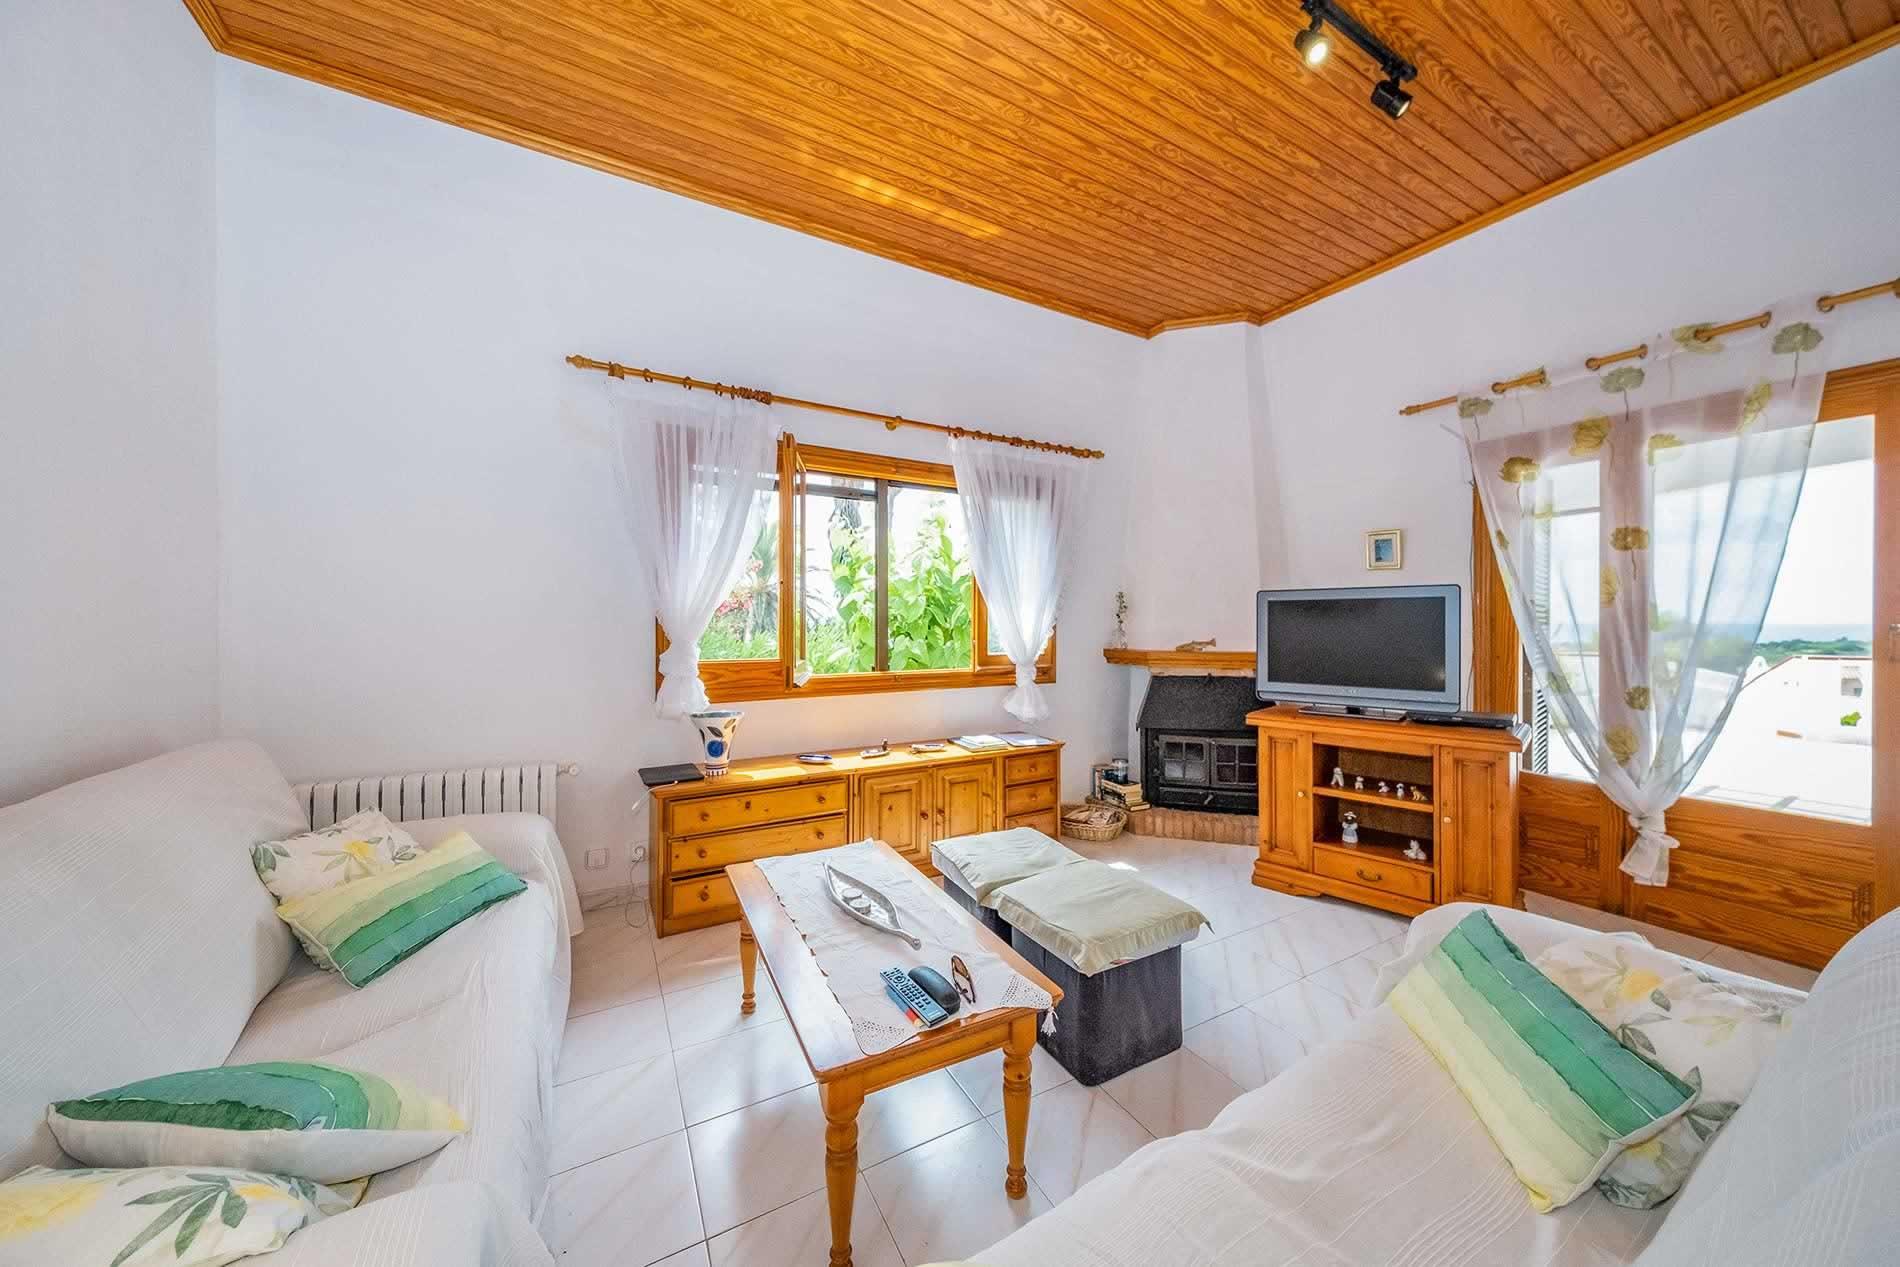 Villa Delfin in Son Bou - sleeps 10 people